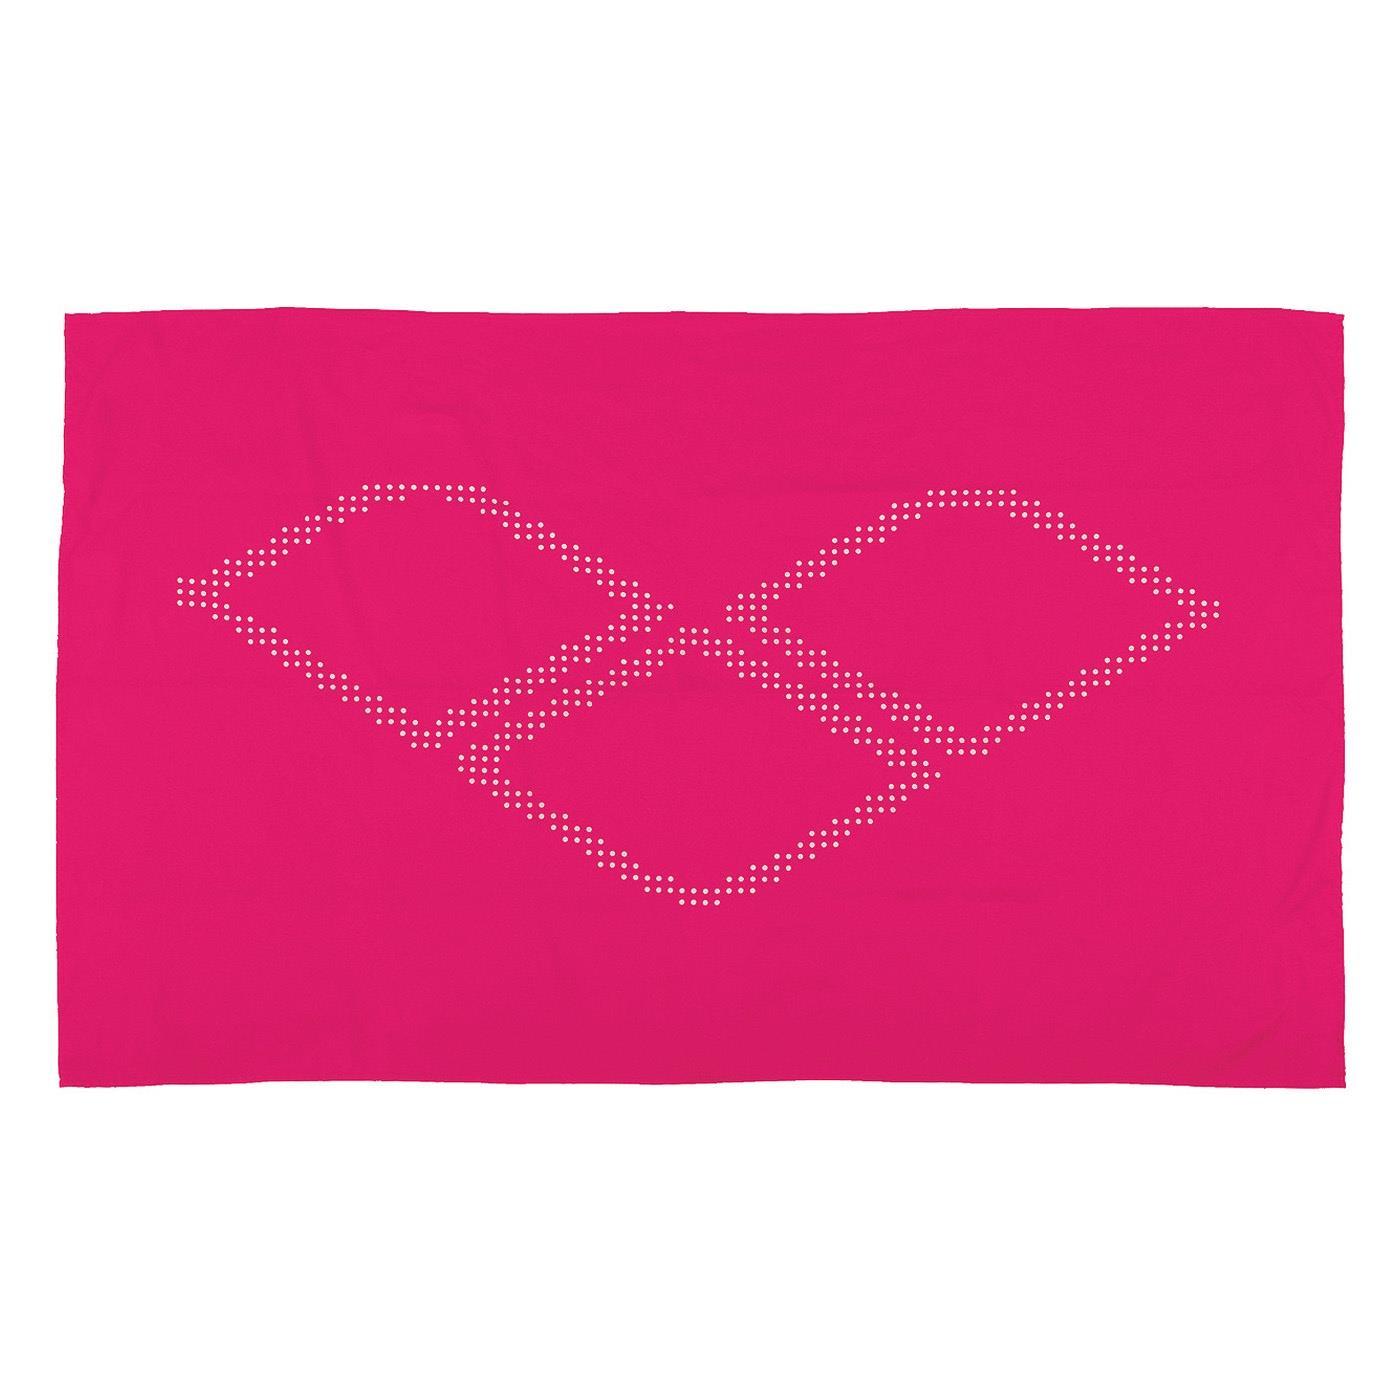 Towel bath Arena Halo 2A483/901 (pink color) TEKAEAREC0019